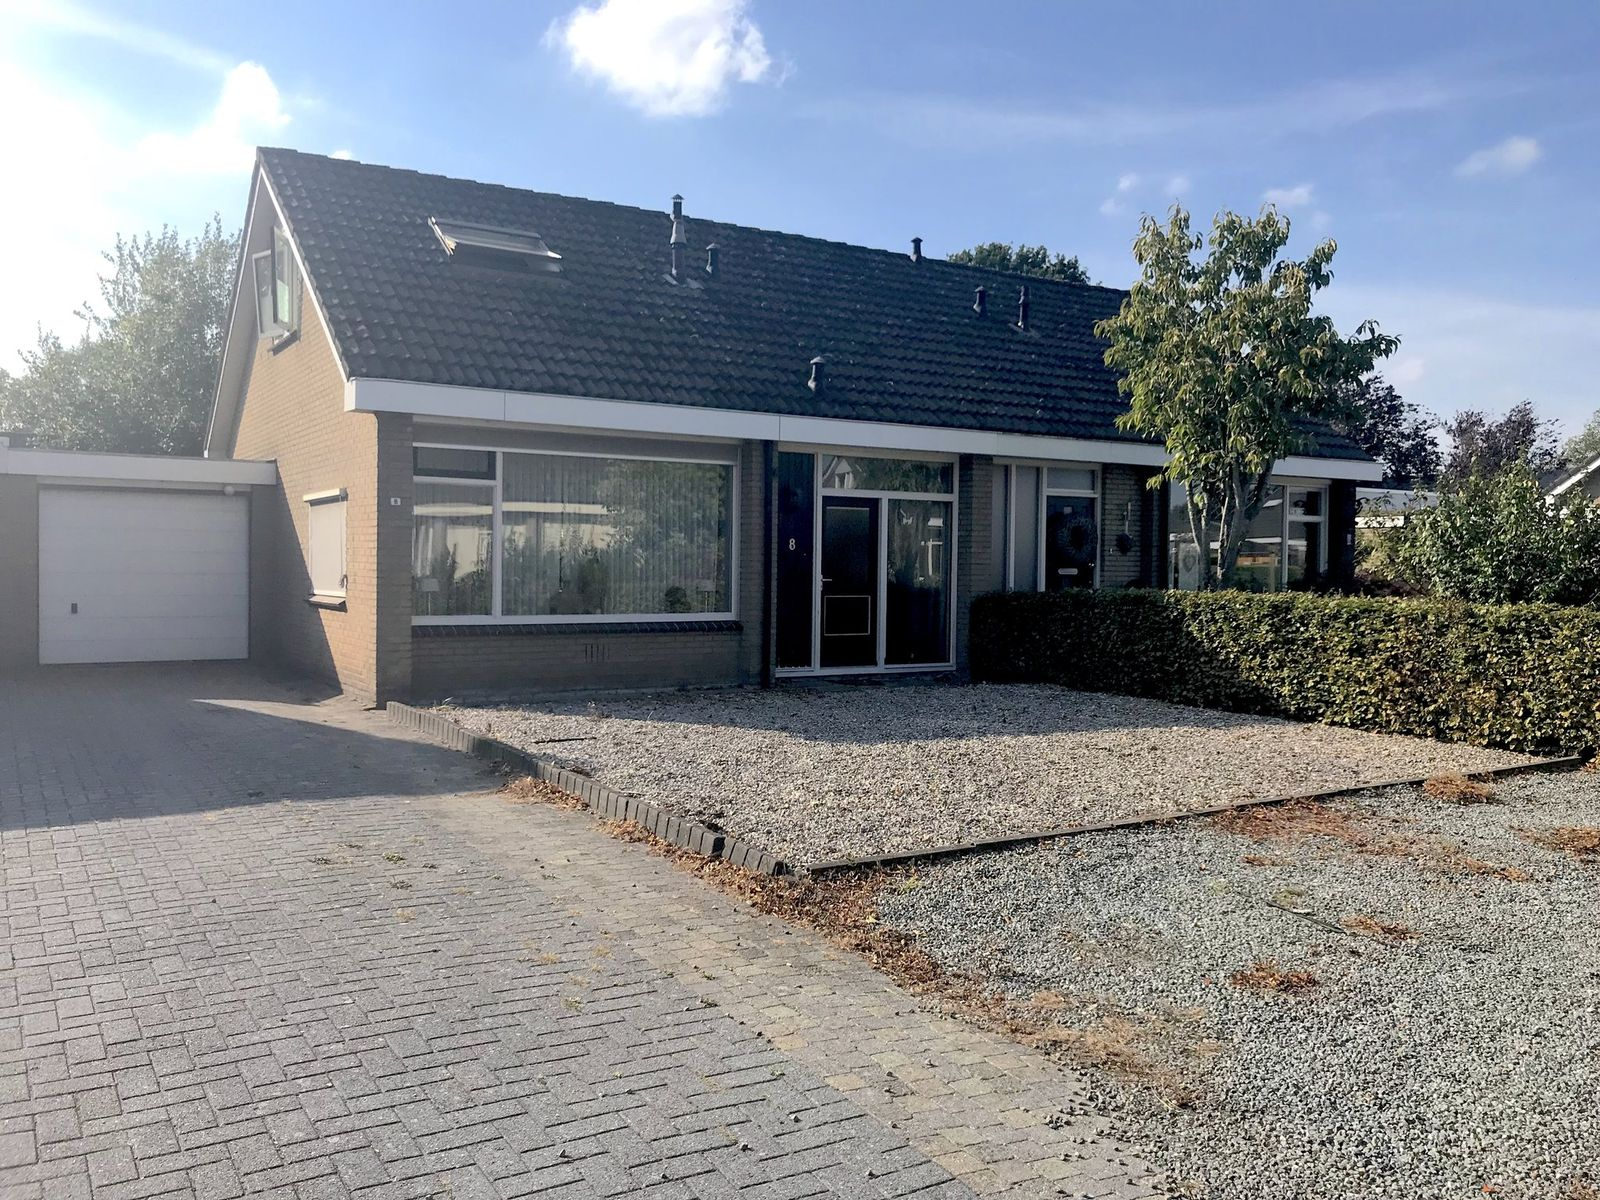 Cort van der Lindenstraat 8, Veenoord